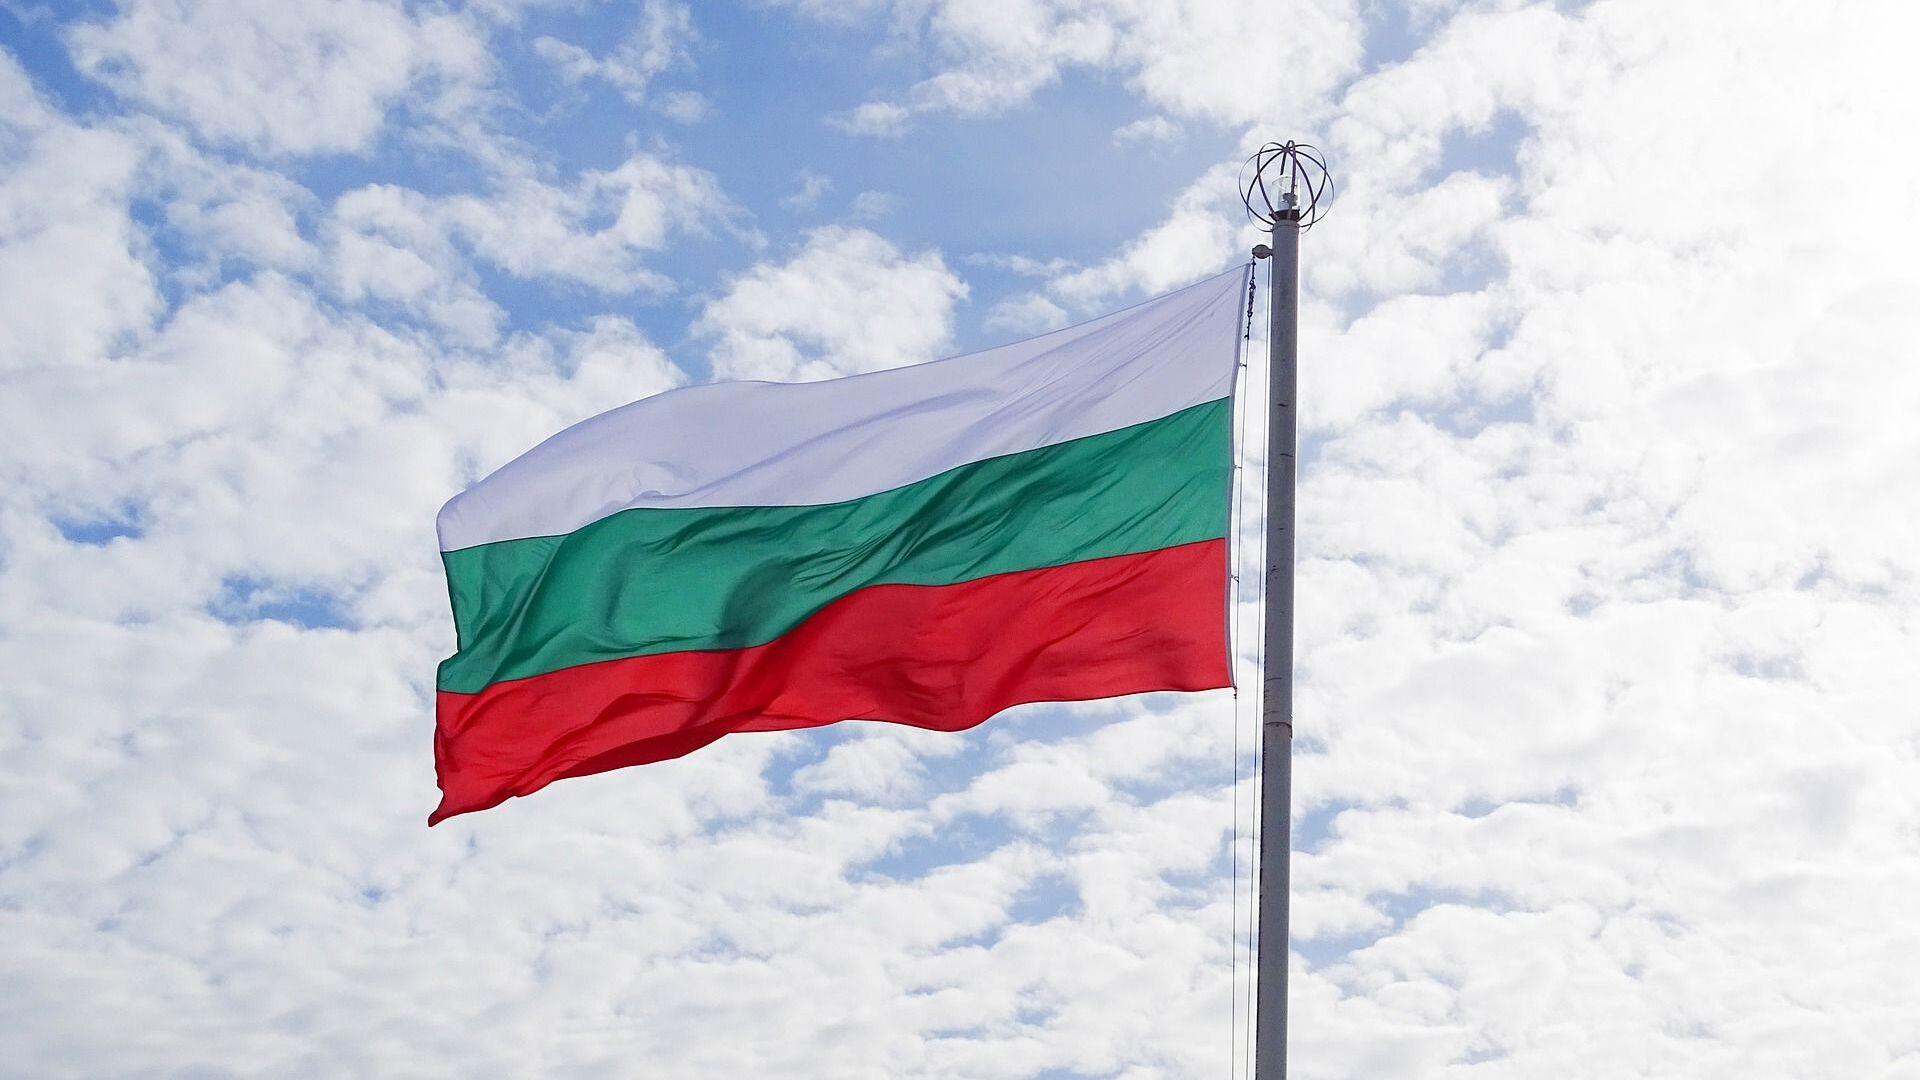 Bugarska zastava - Sputnik Srbija, 1920, 08.10.2021